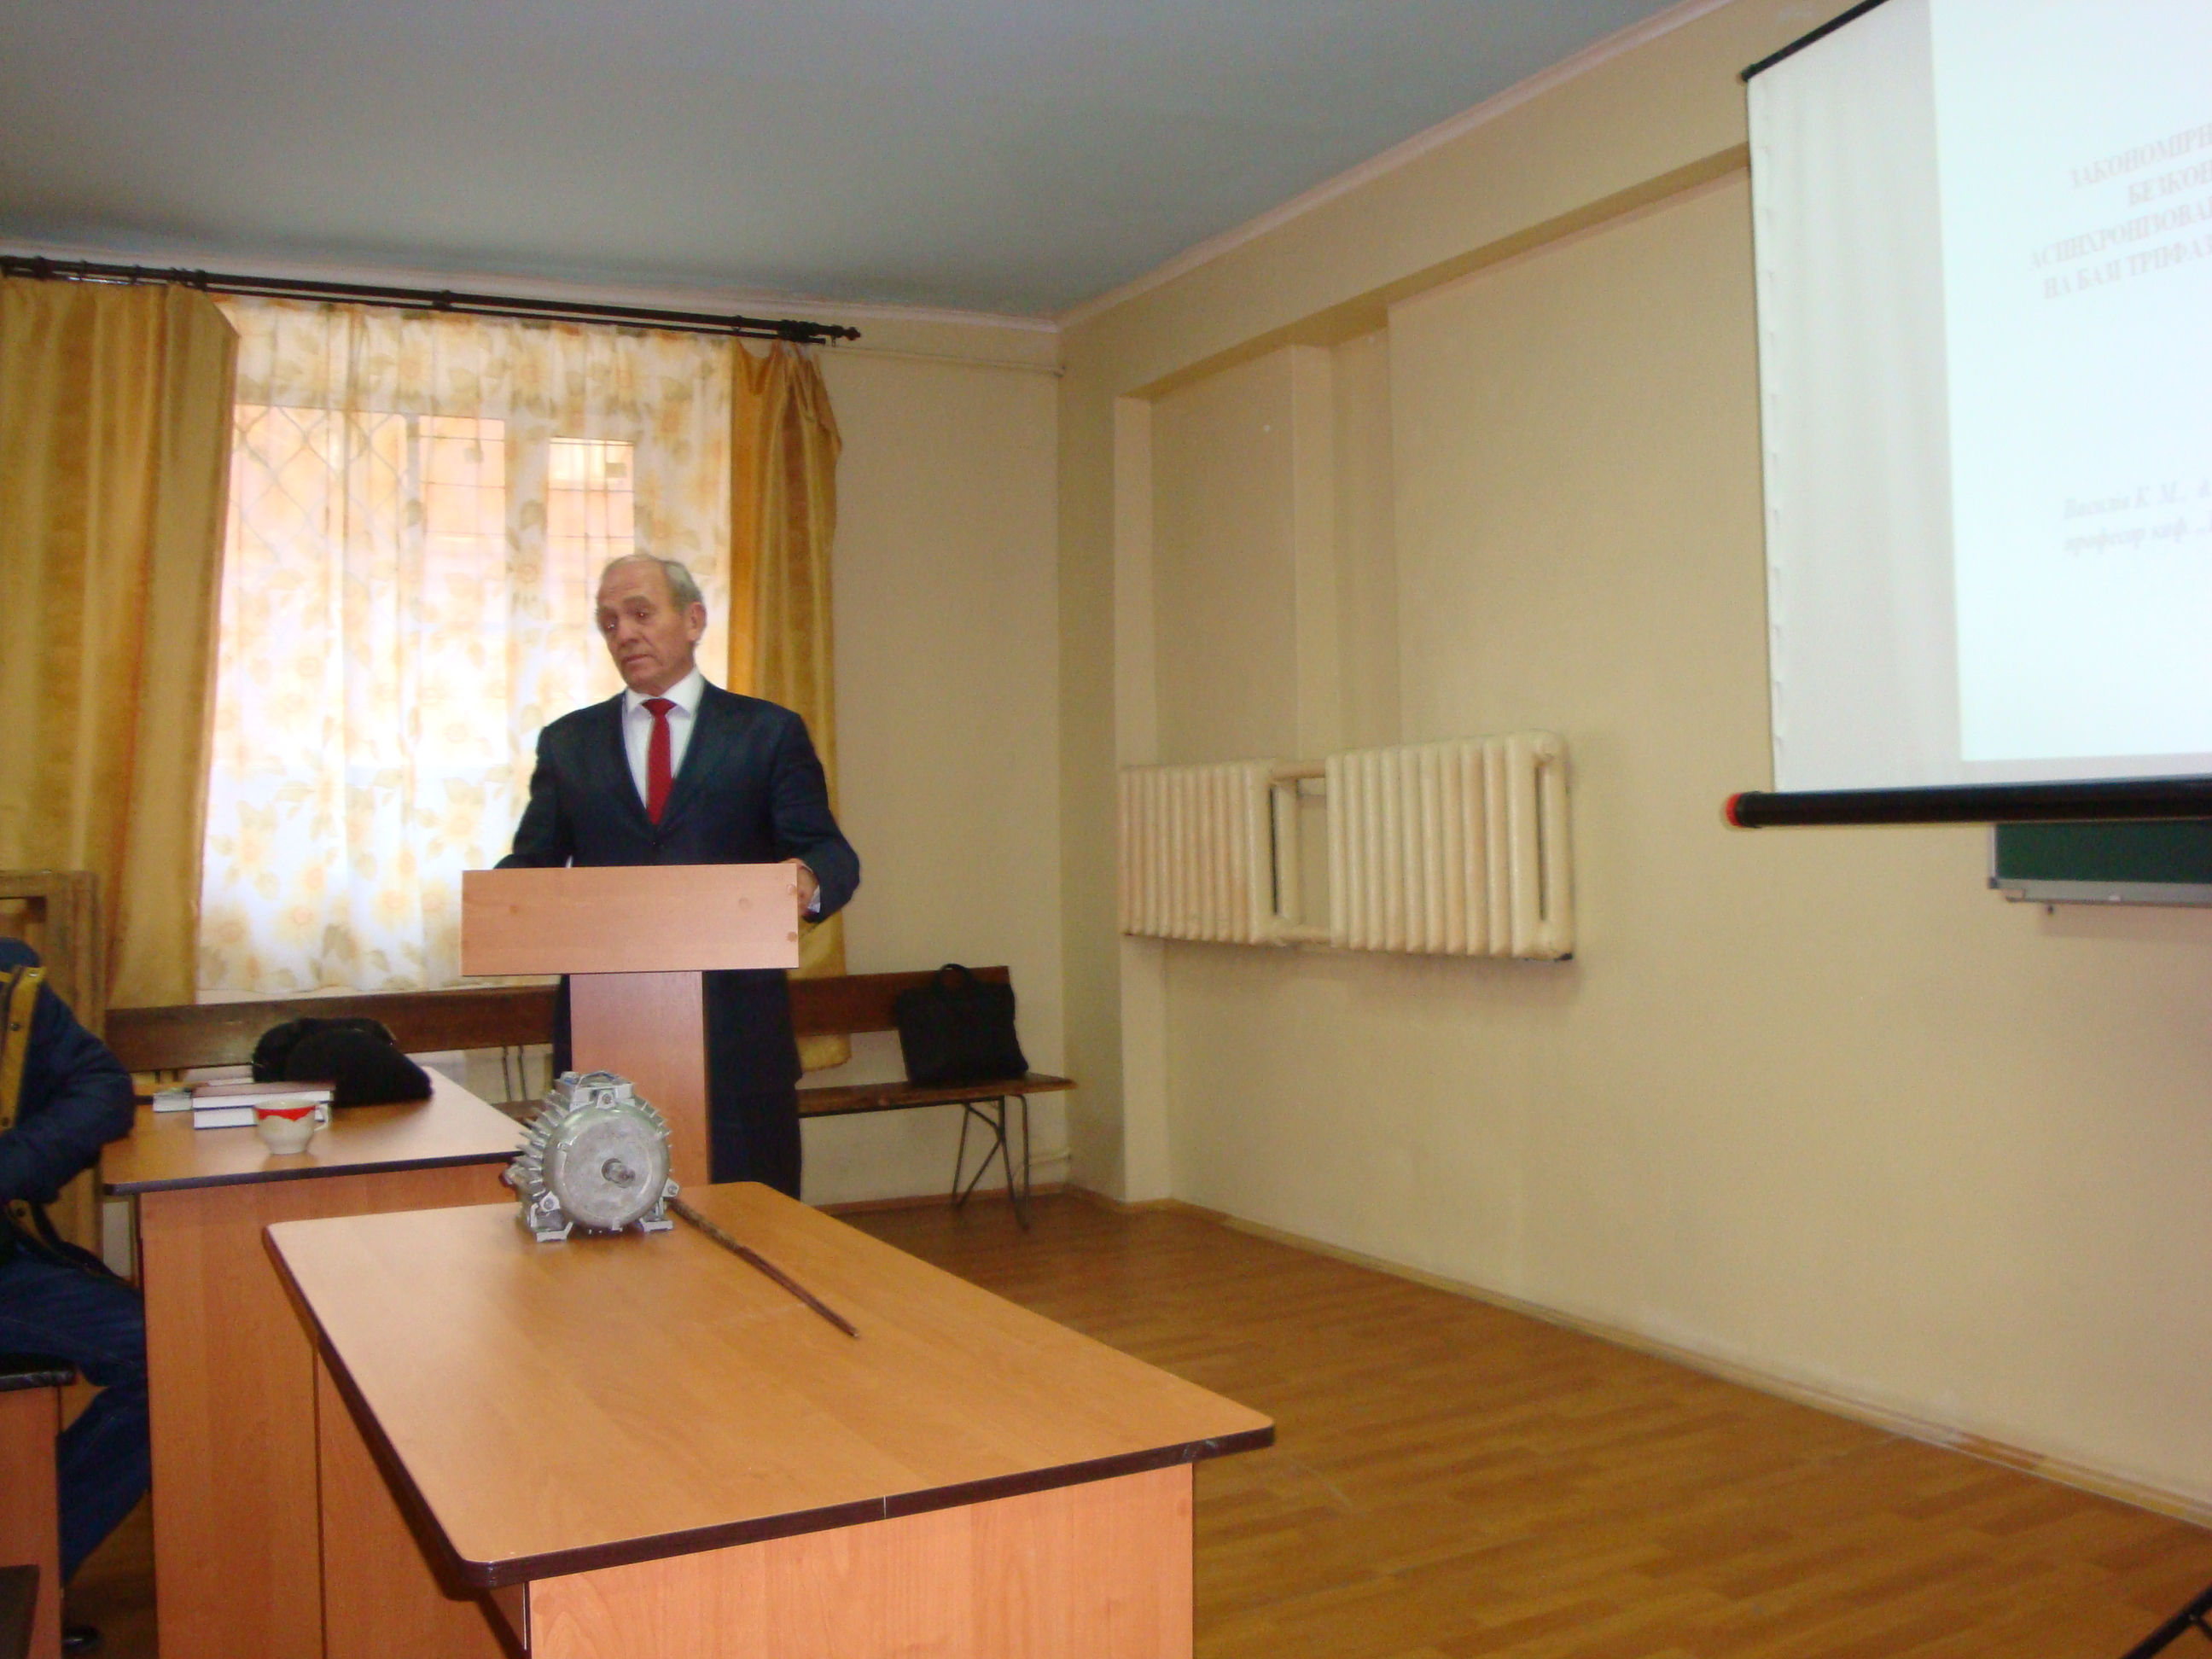 Проф. Василив К.Н. (НУ «Львовская политехника», Львов)